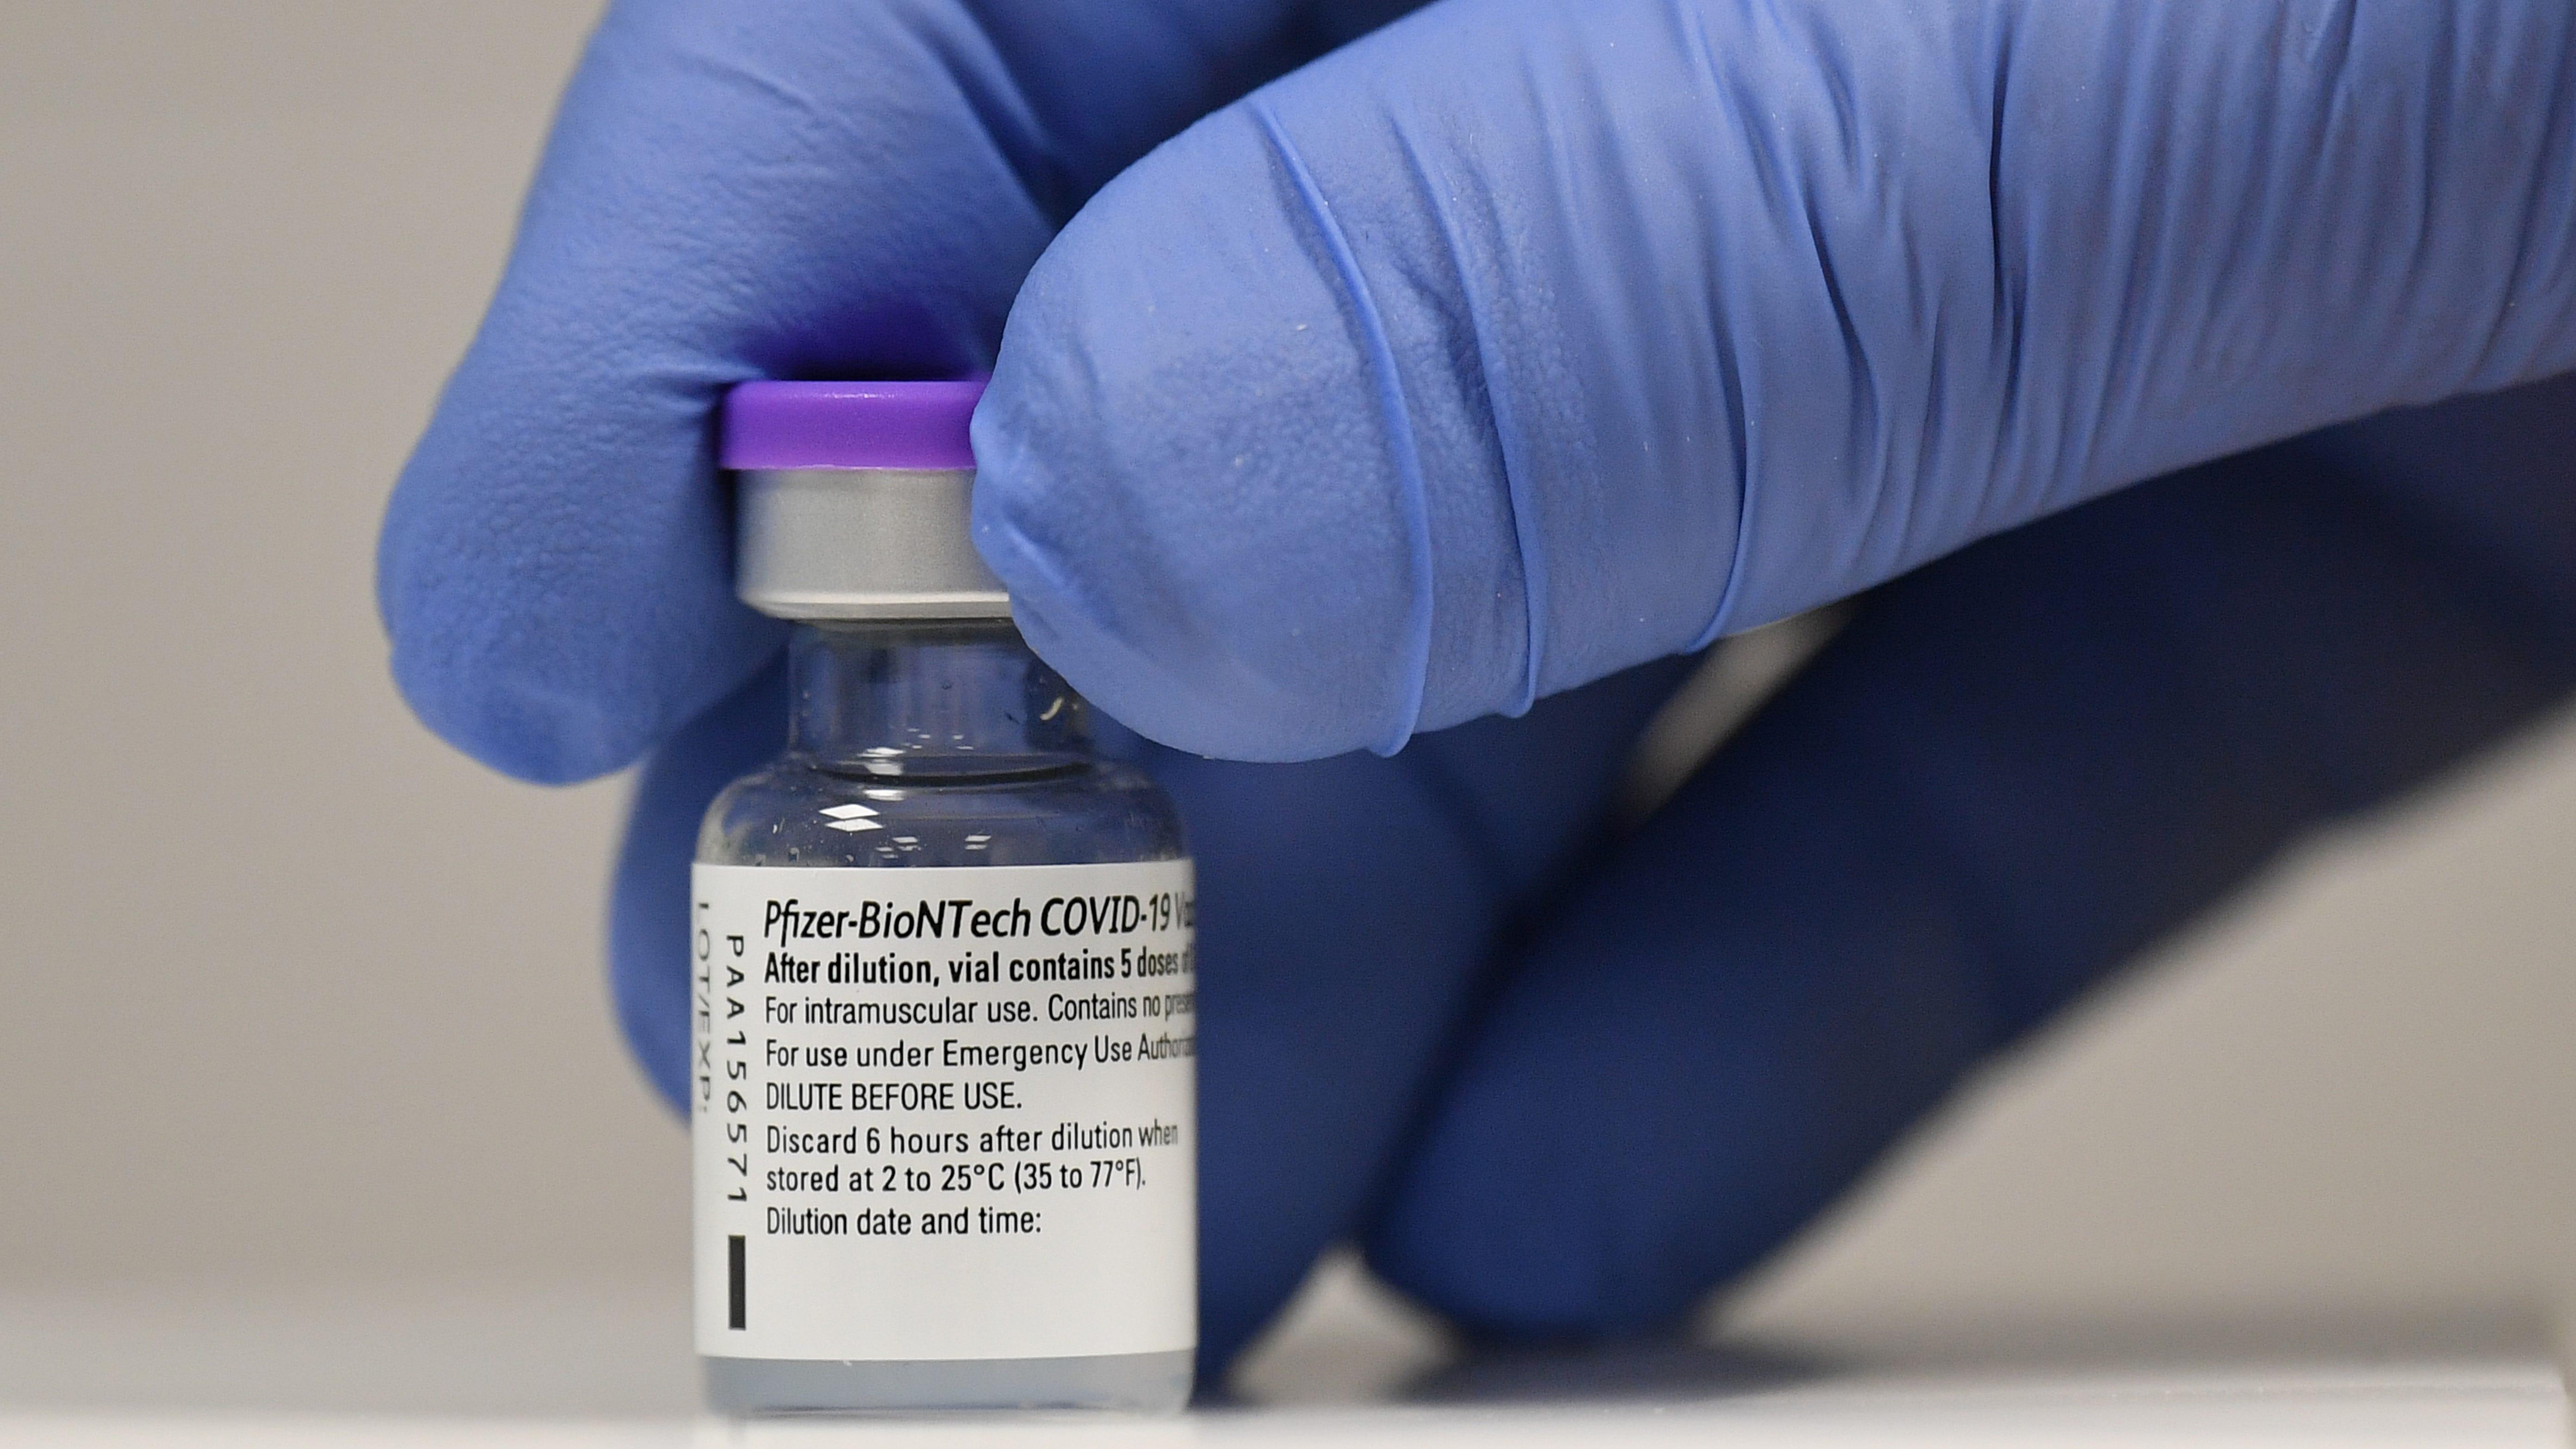 La vacuna Pfizer obtiene aprobación total de la FDA